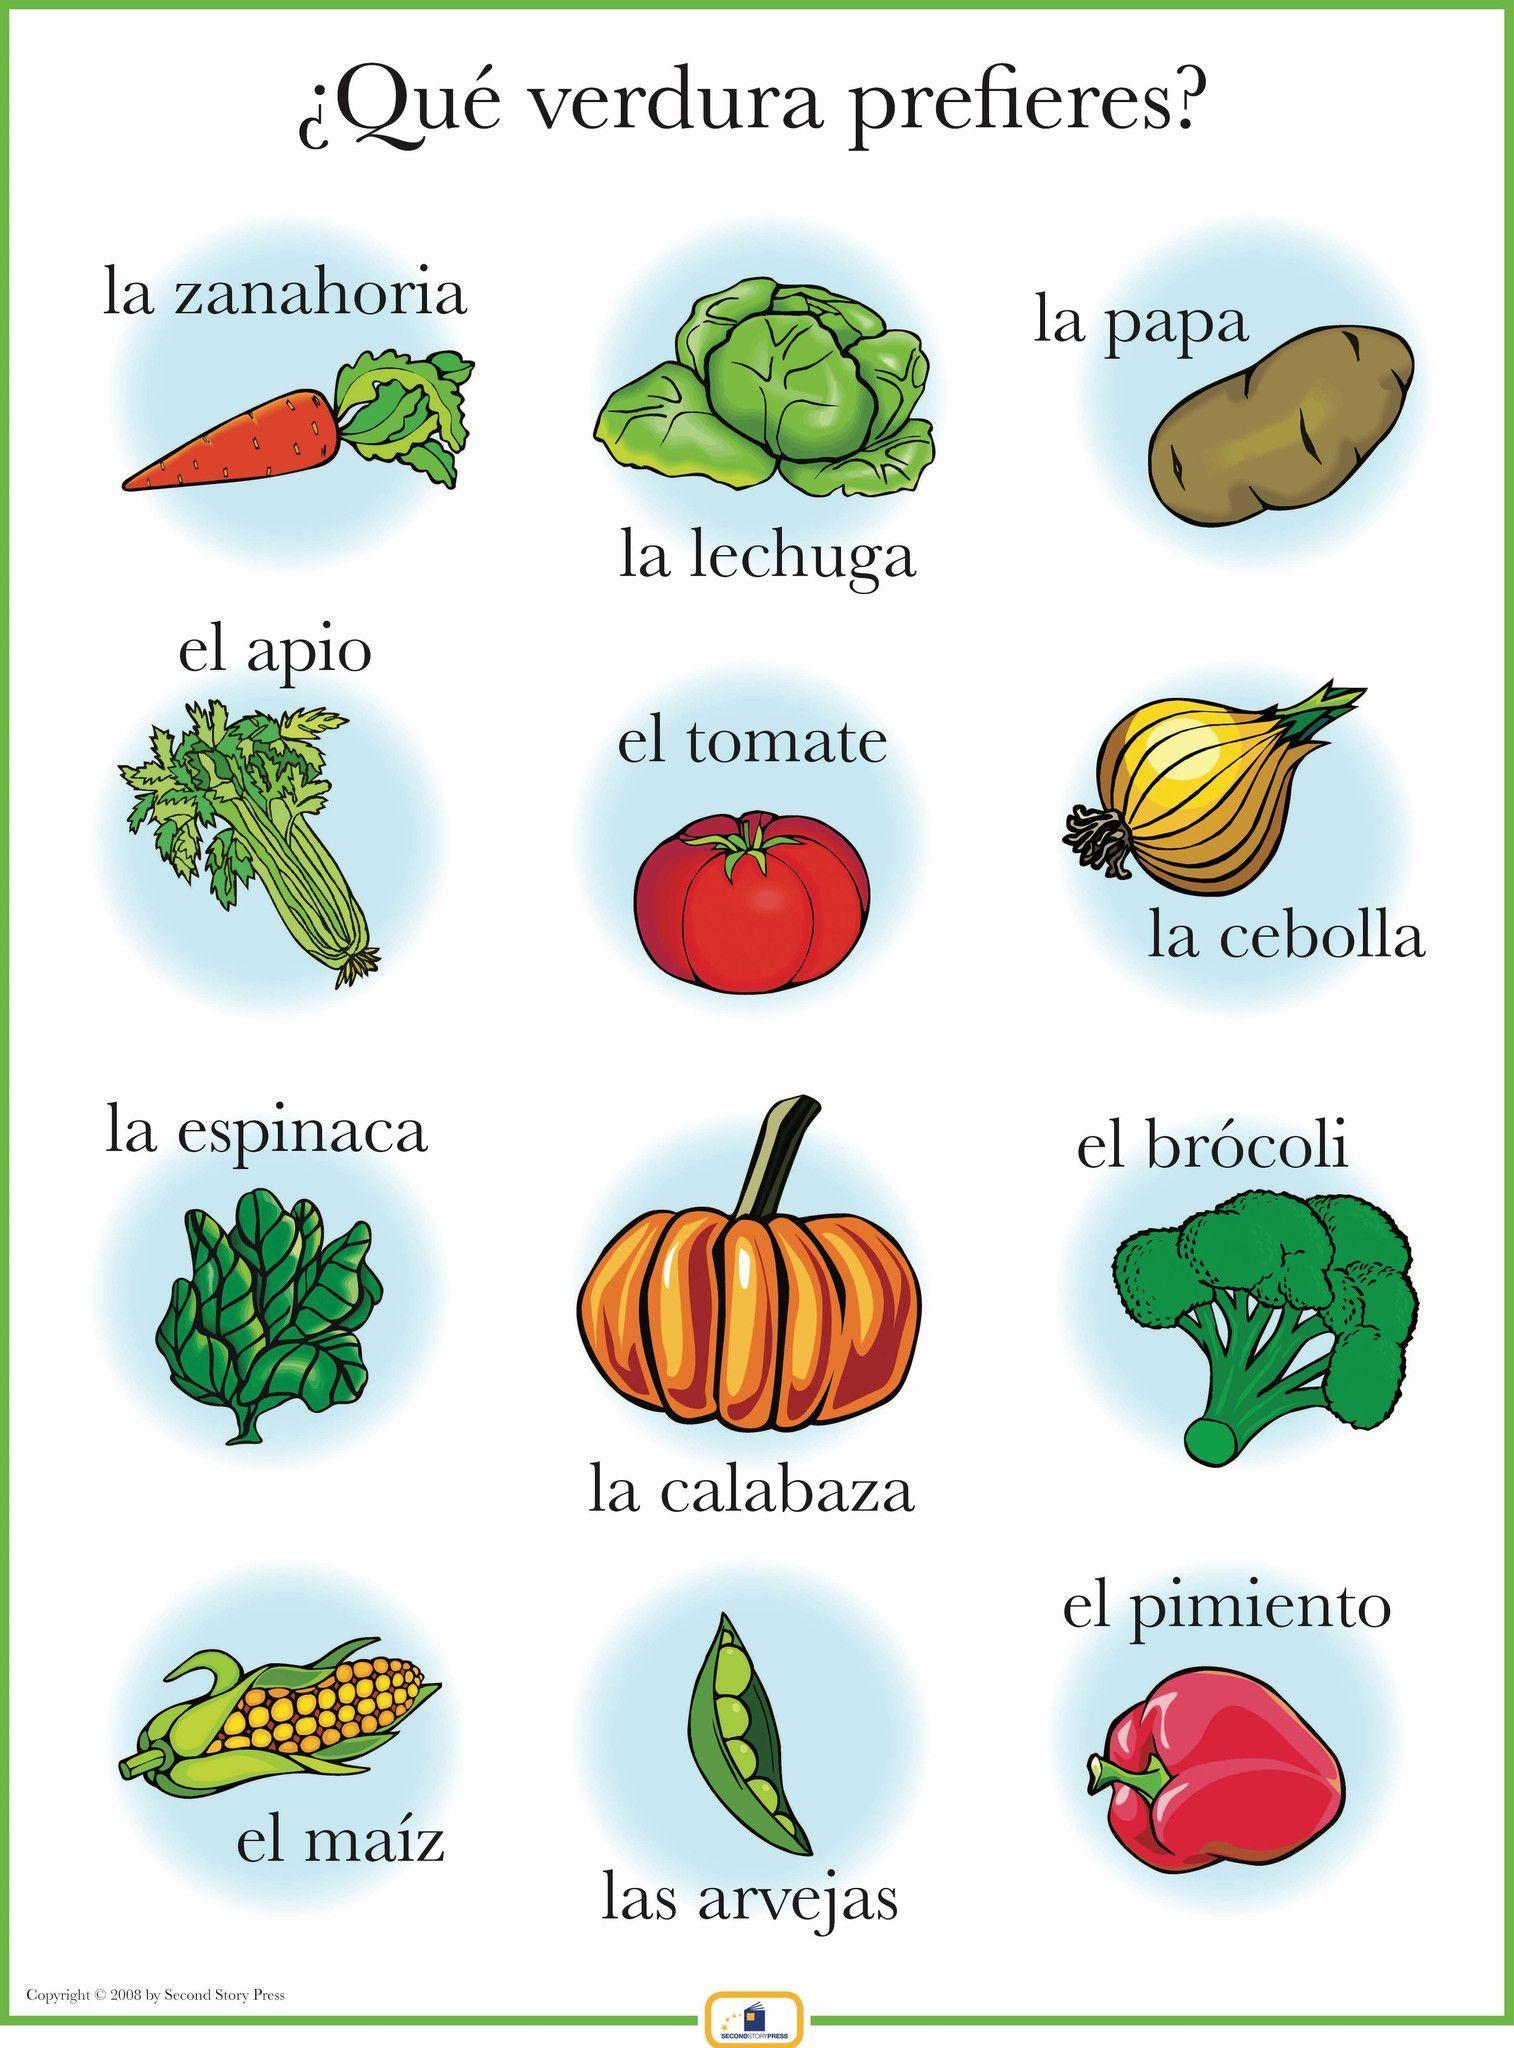 Spanish Vegetables Poster